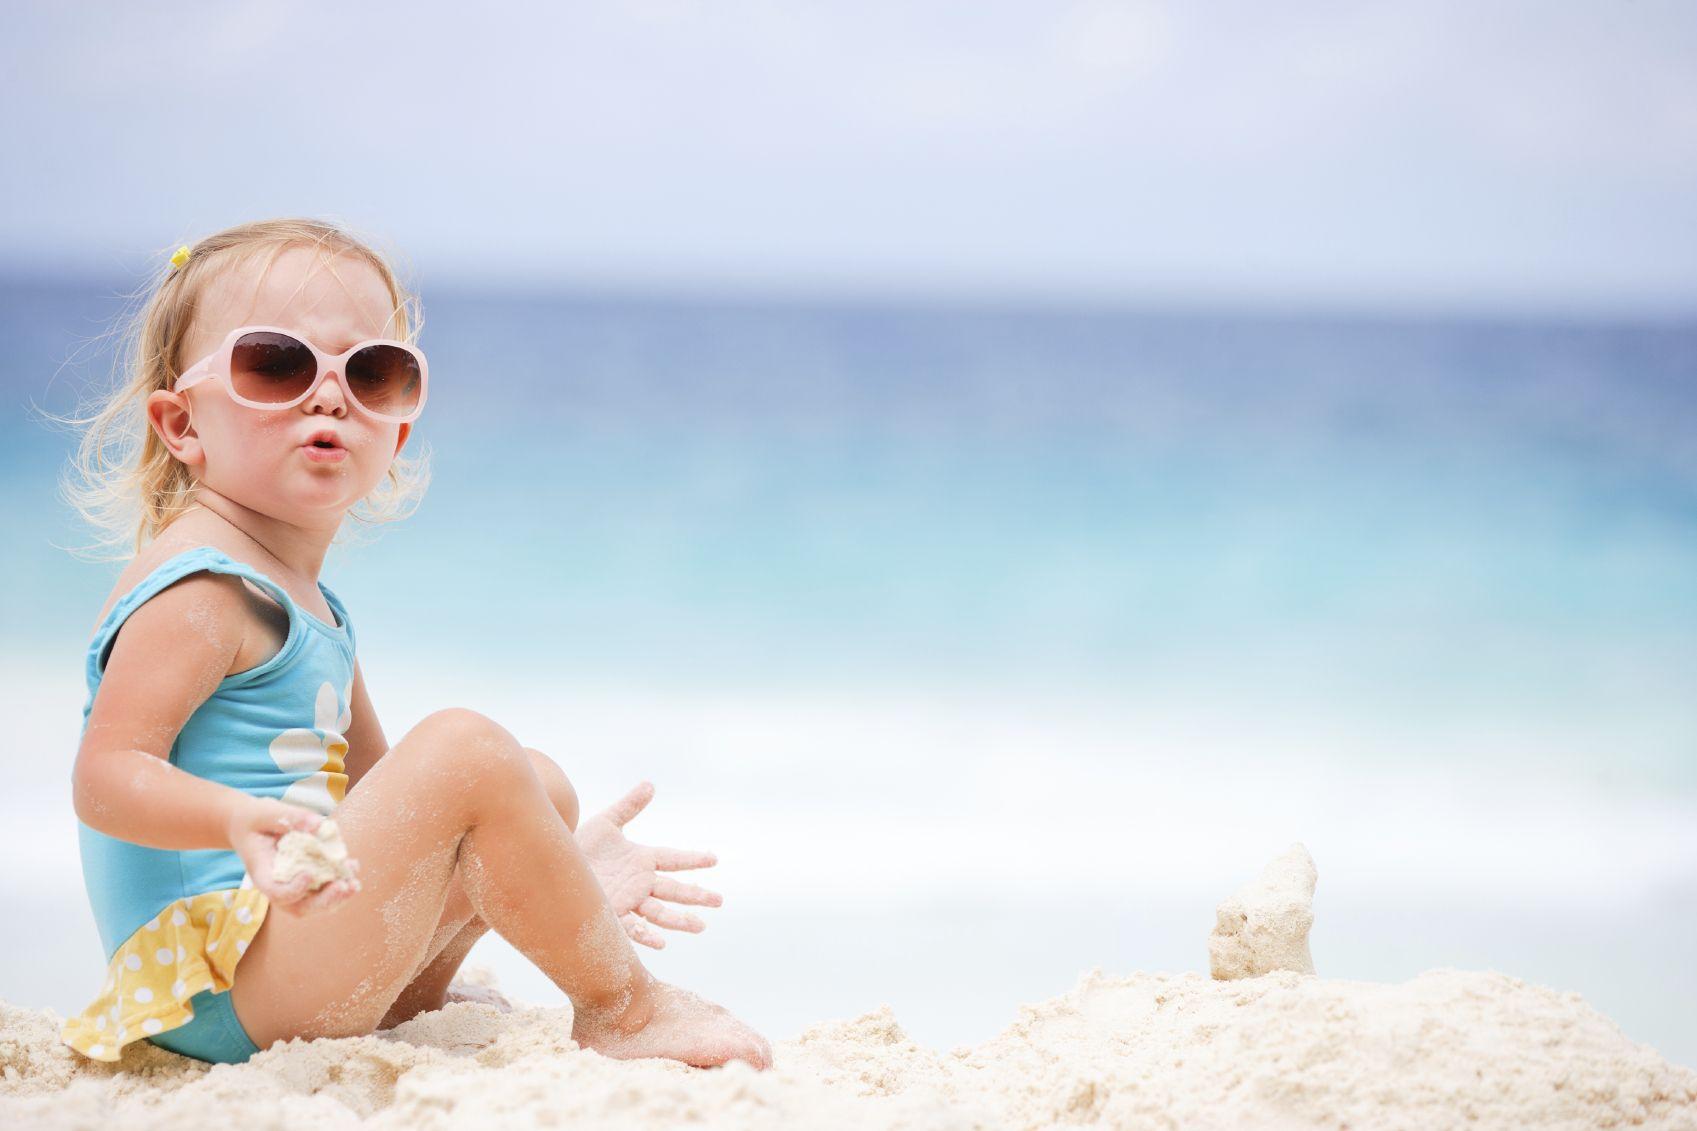 Kem chống nắng La Roche Posay cho bé đã được kiểm nghiệm bởi các bác sỹ da liễu và chuyên khoa nhi